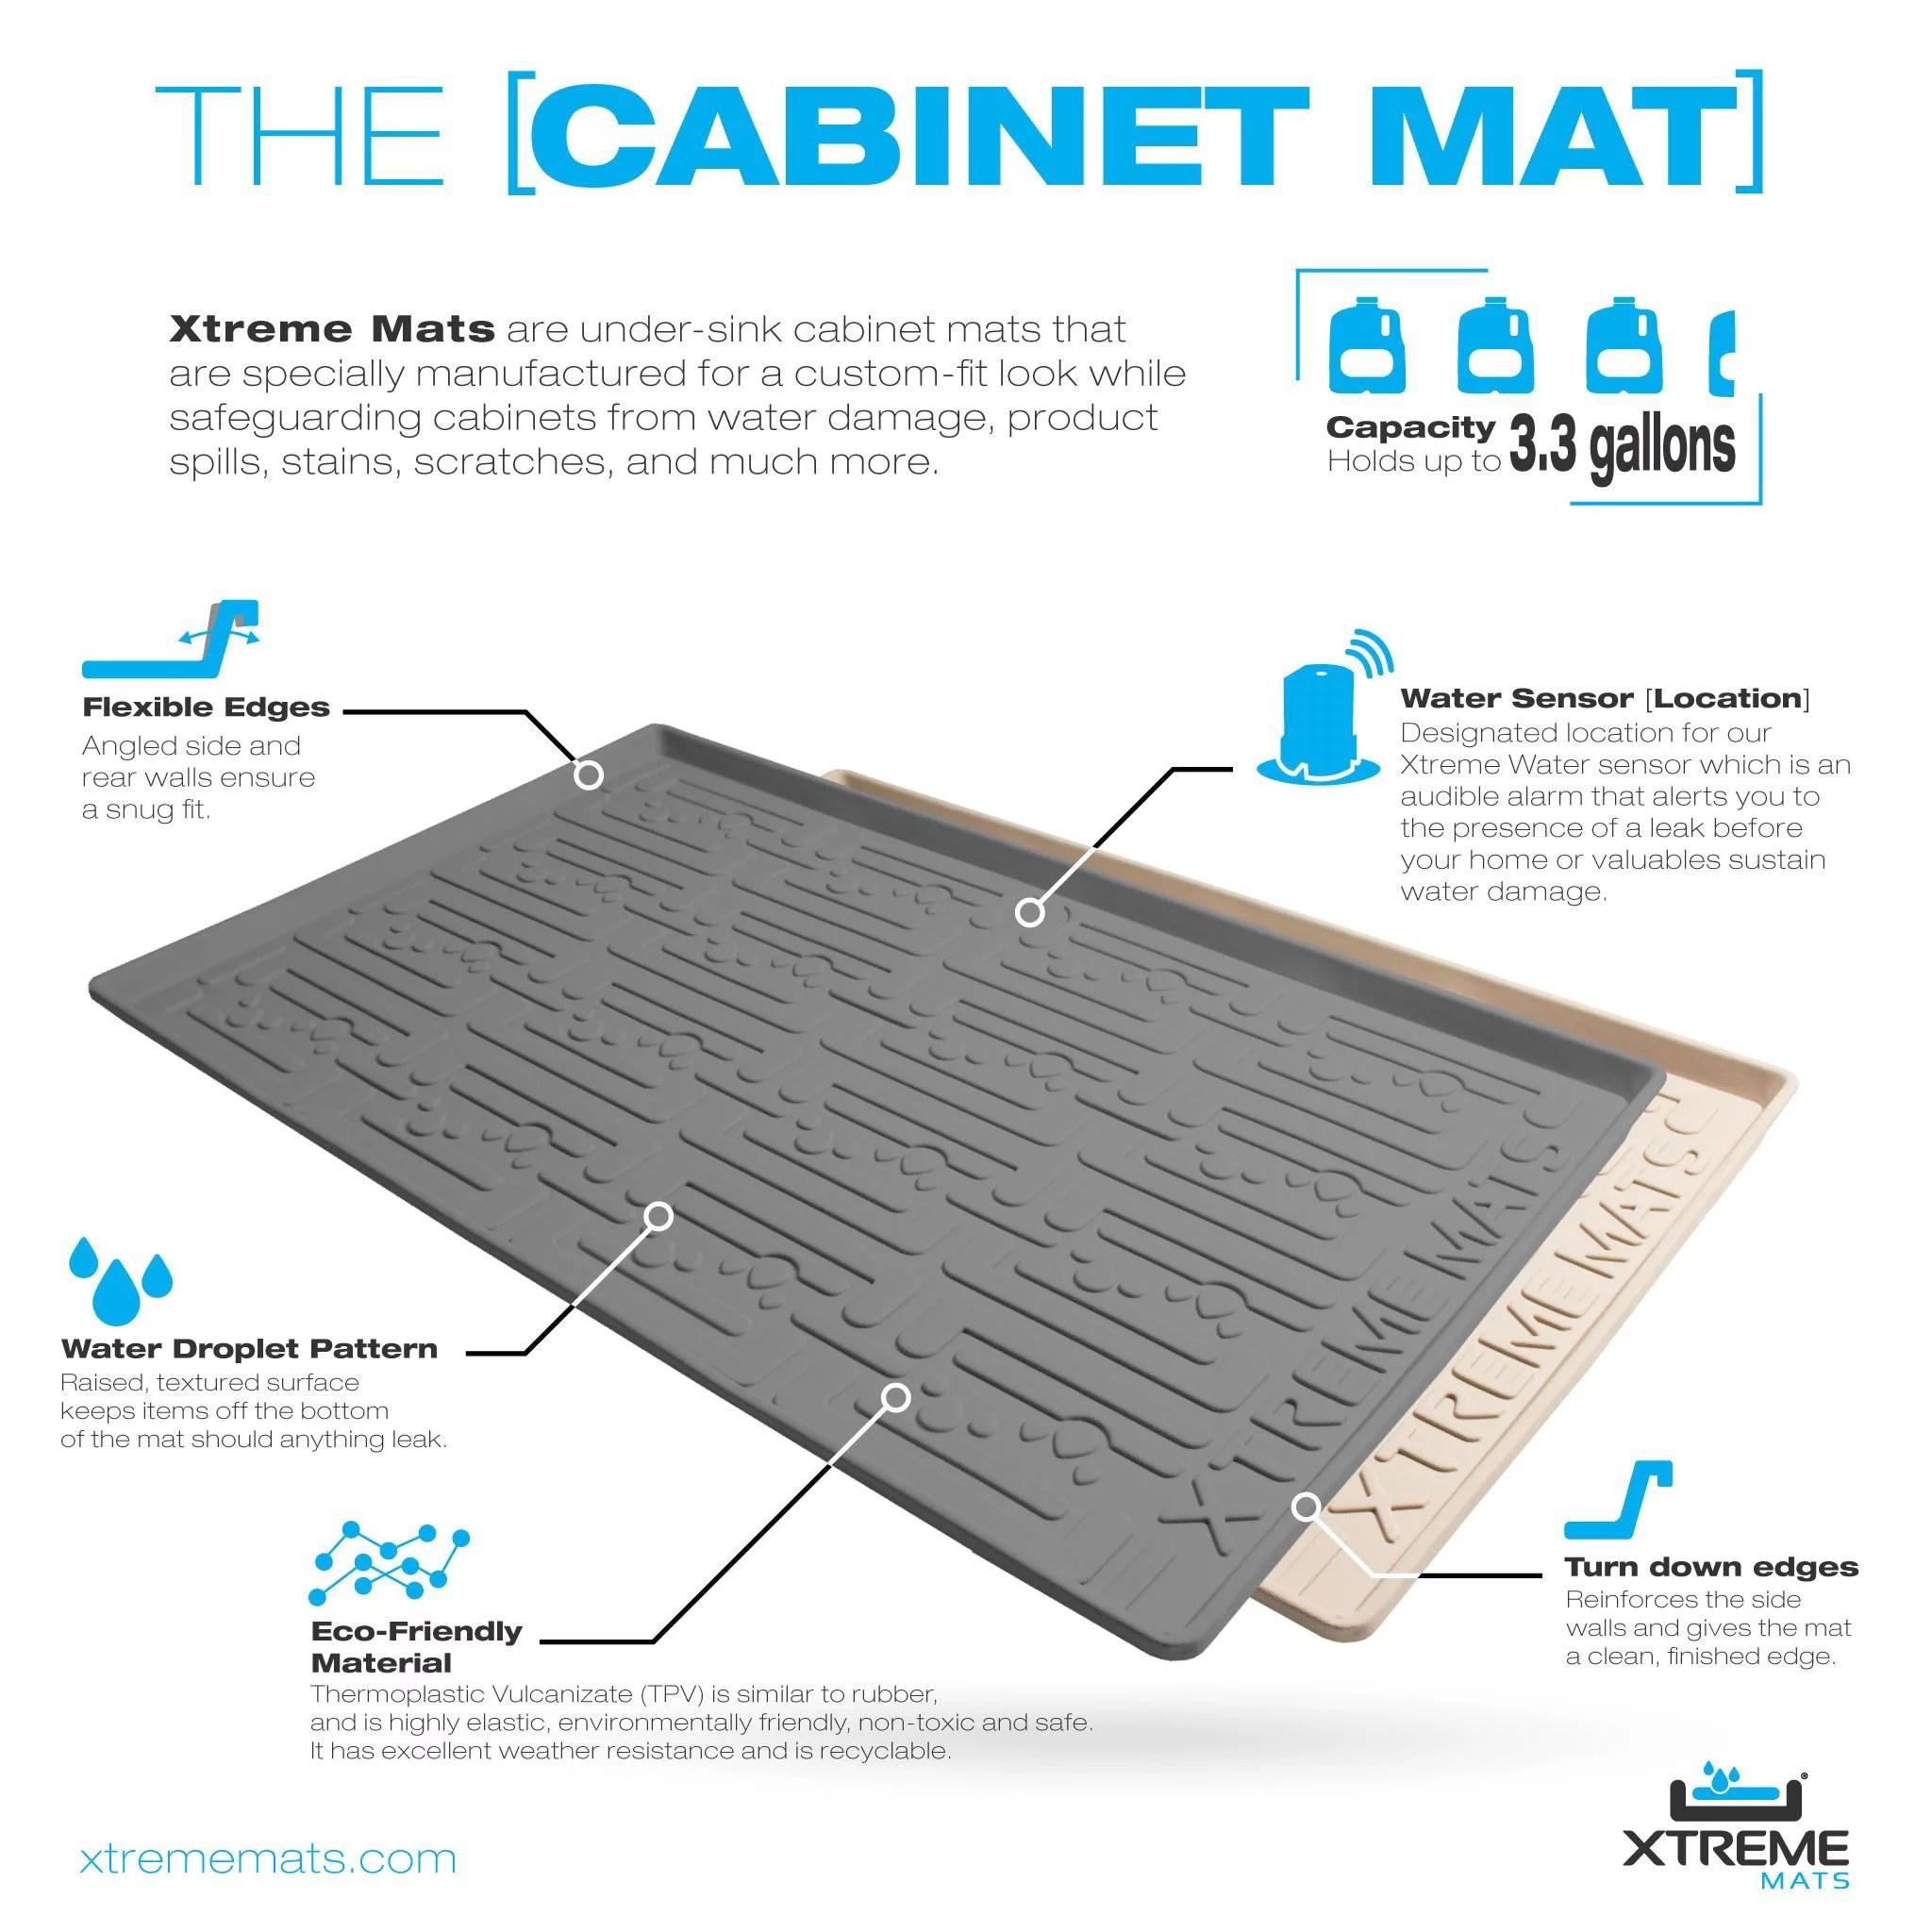 xtreme mats under sink kitchen cabinet mat 31 x 22 grey